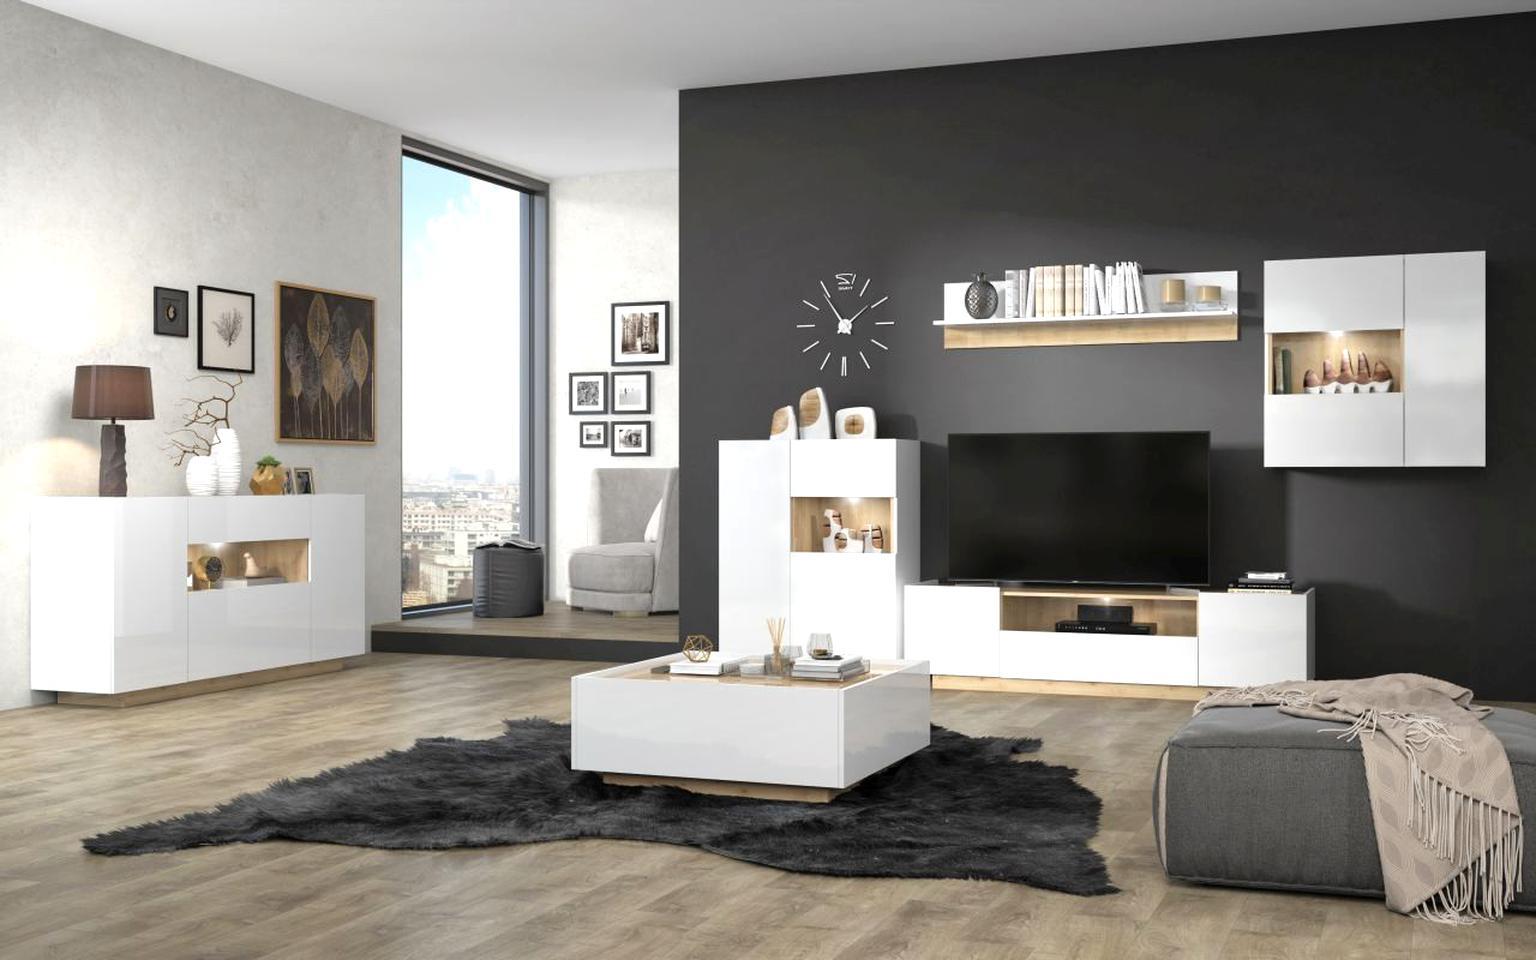 Wohnzimmer Komplett gebraucht kaufen! 10 St. bis -10% günstiger